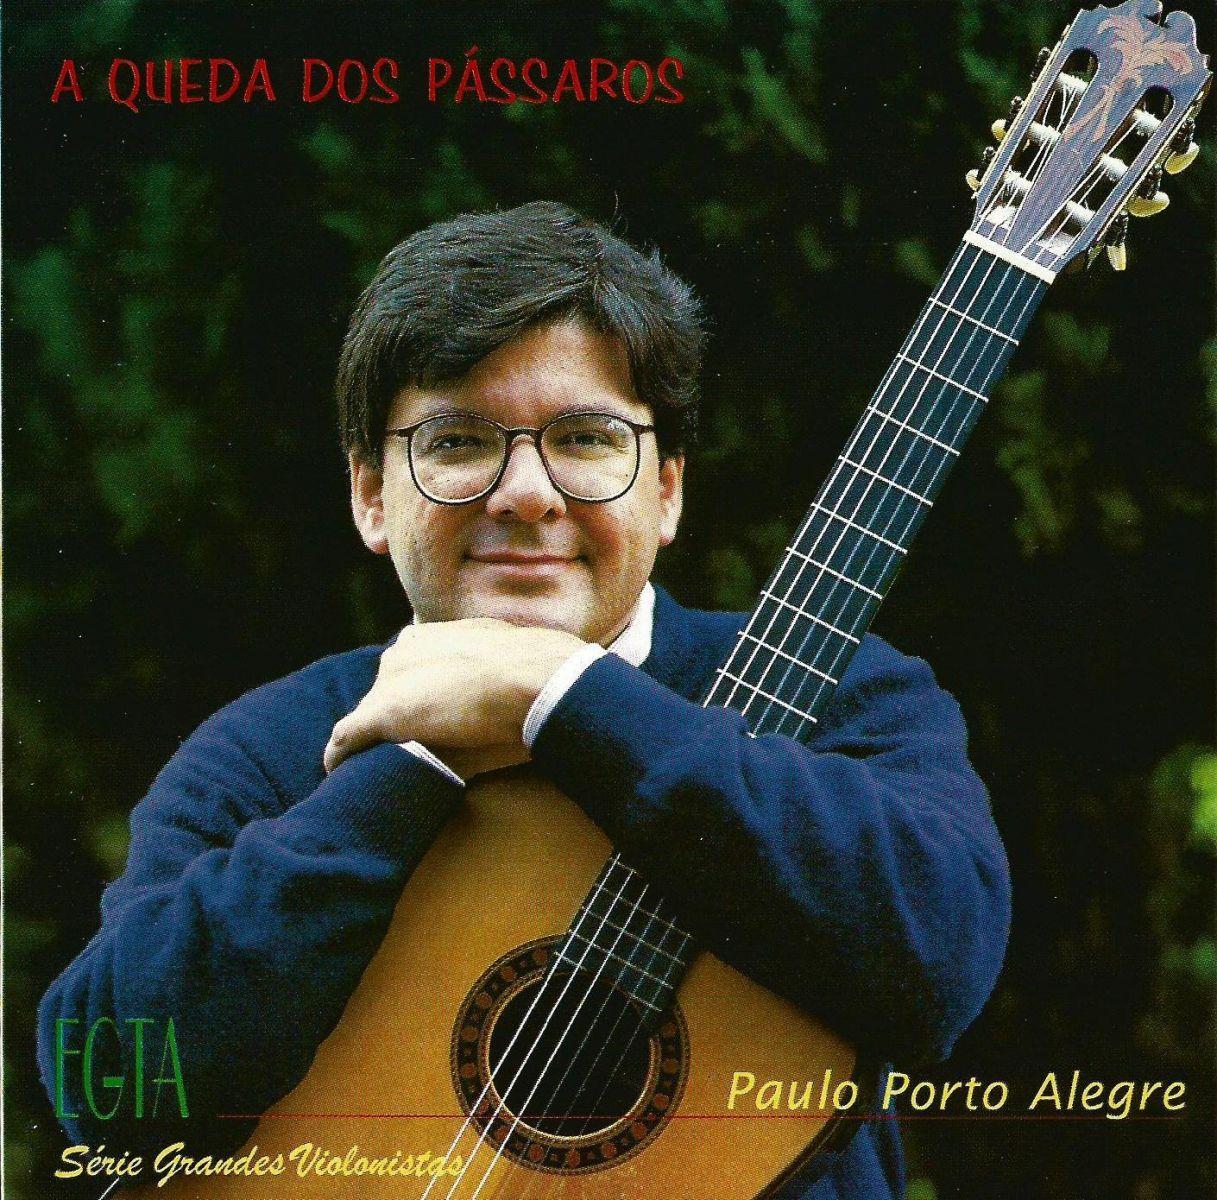 Espero que a morte de Isaías Sávio não seja duradoura, por Paulo Porto Alegre - Paulo Porto Alegre capa CD A Queda dos Pássaros